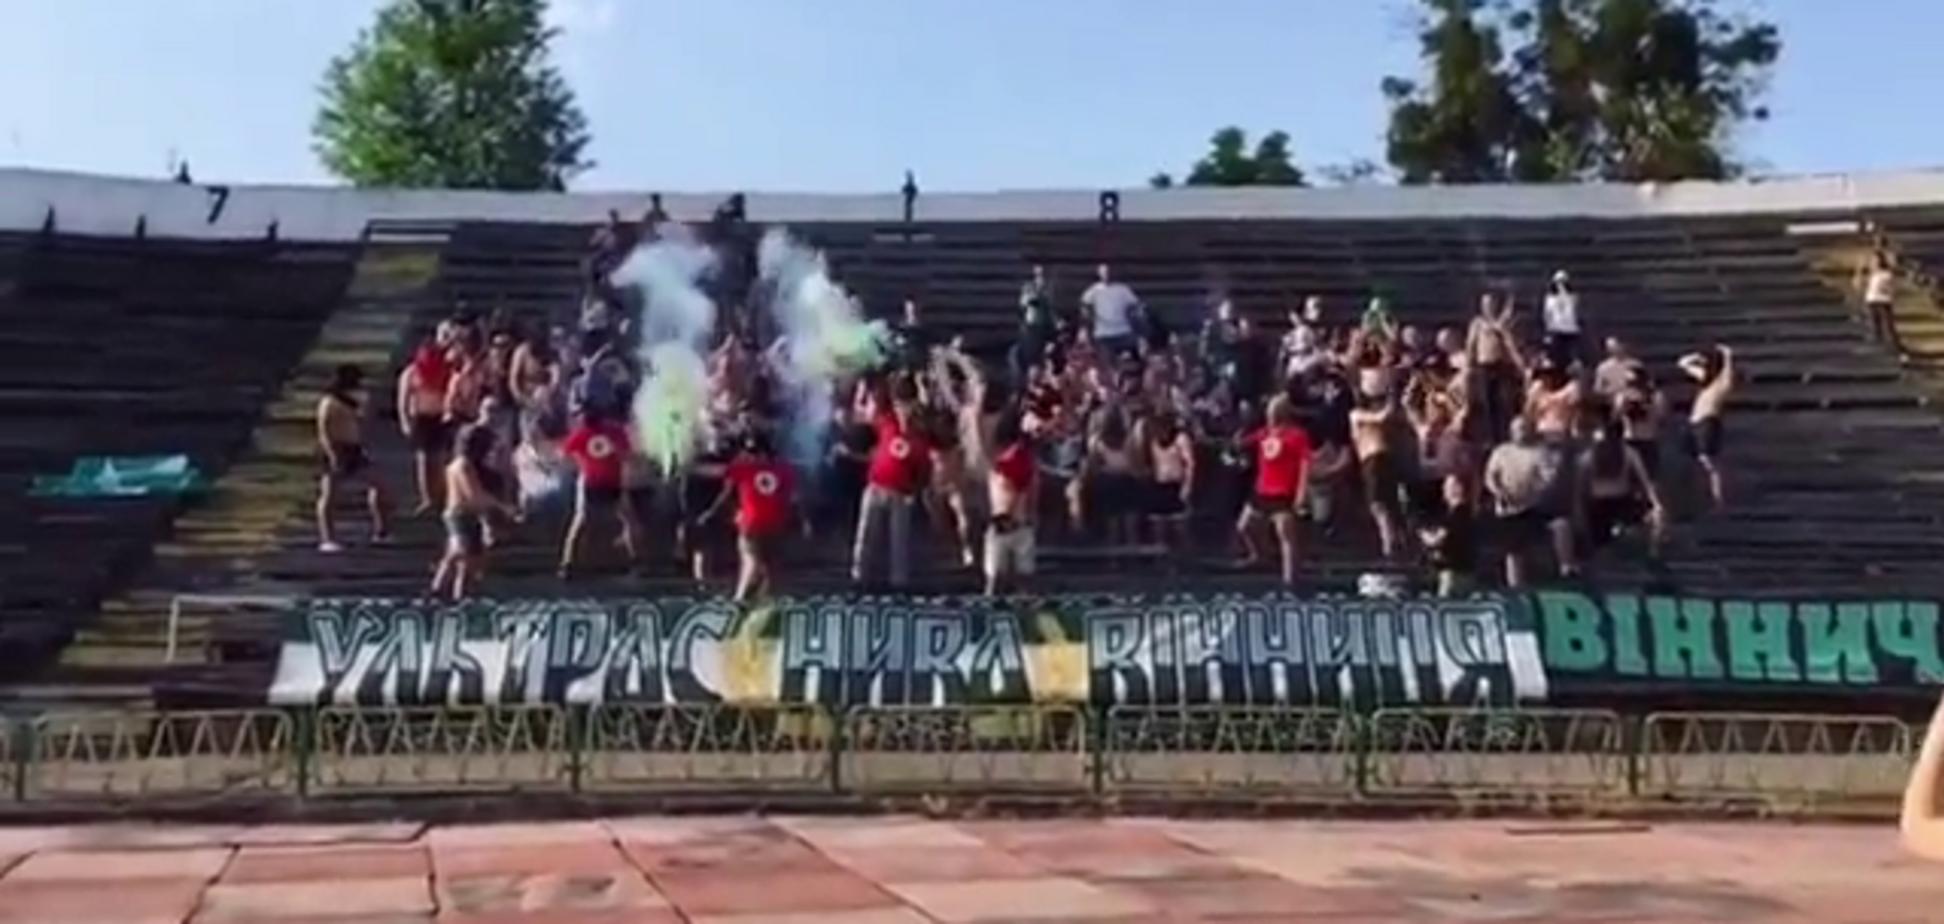 Украинские фанаты совершили гнусный поступок на матче